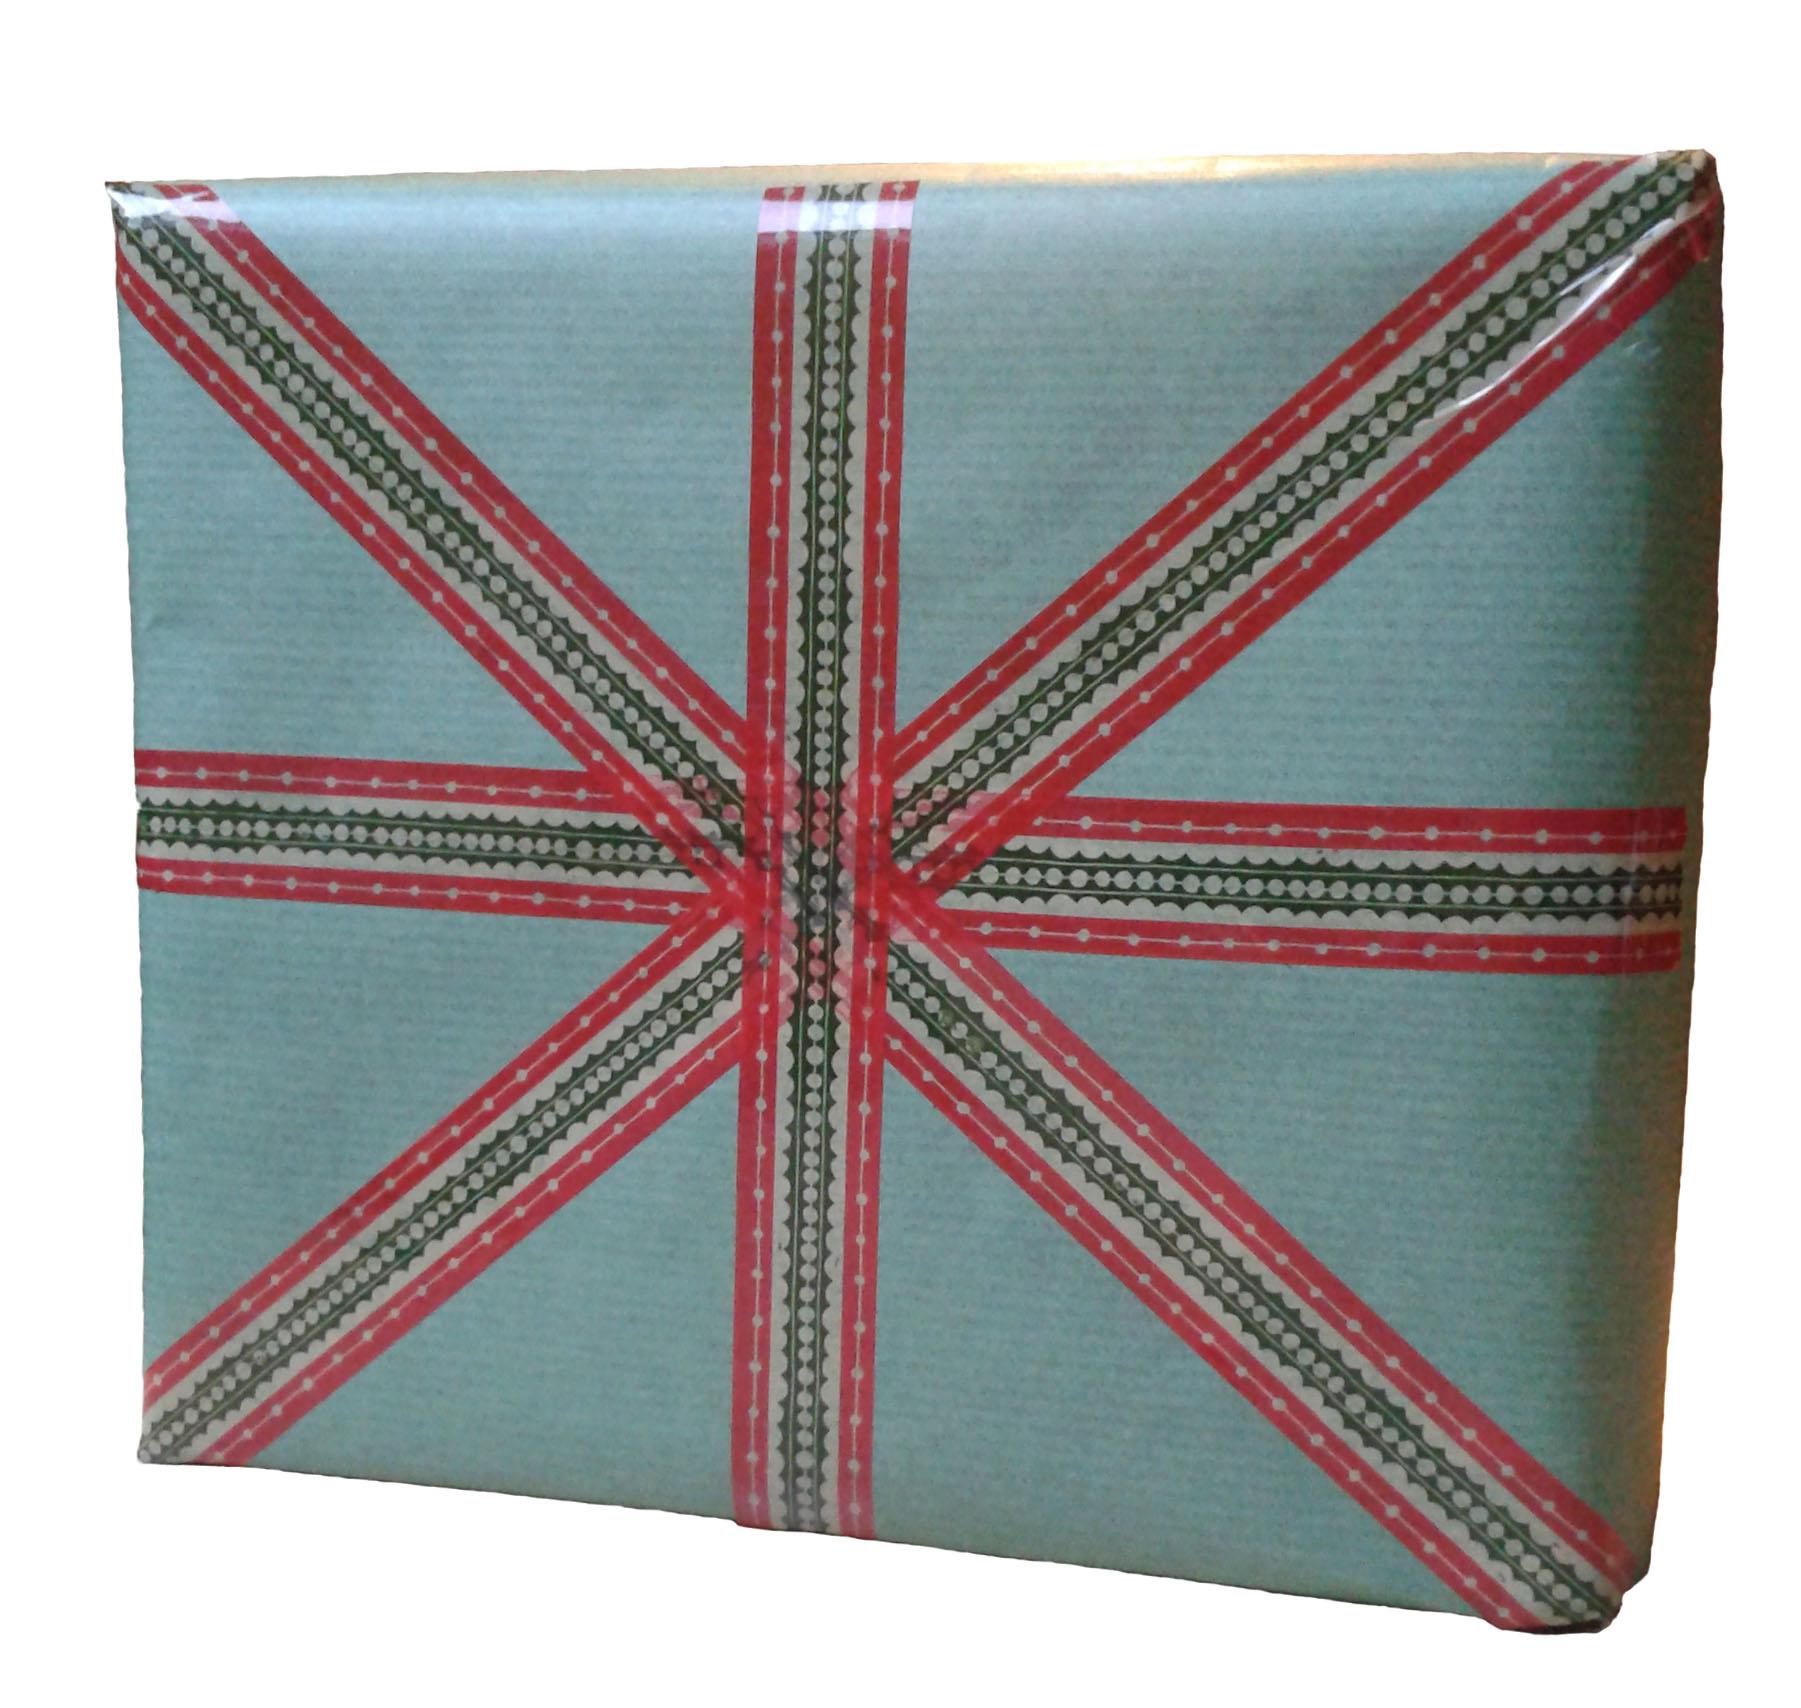 Comment d corer son paquet cadeau avec du masking tape - Emballage cadeau saint valentin ...